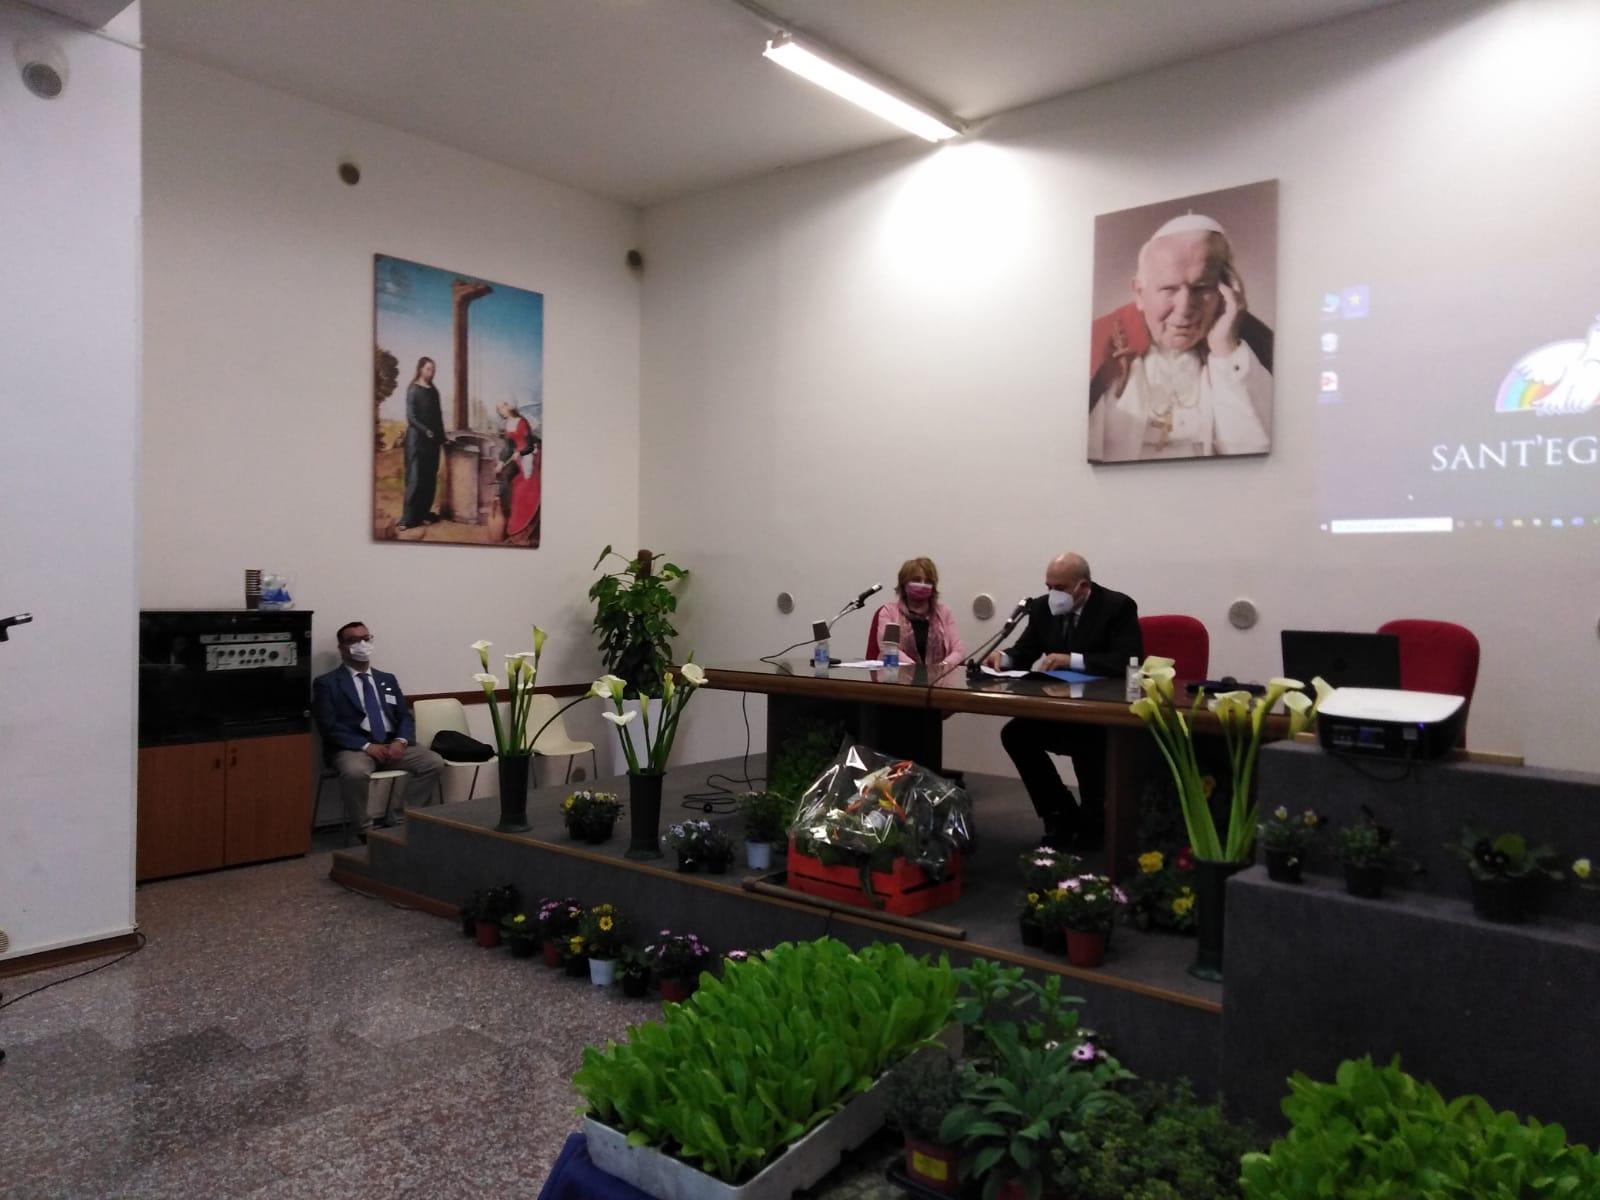 Orti solidali, la Comunità di Sant'Egidio presenta i primi risultati del progetto